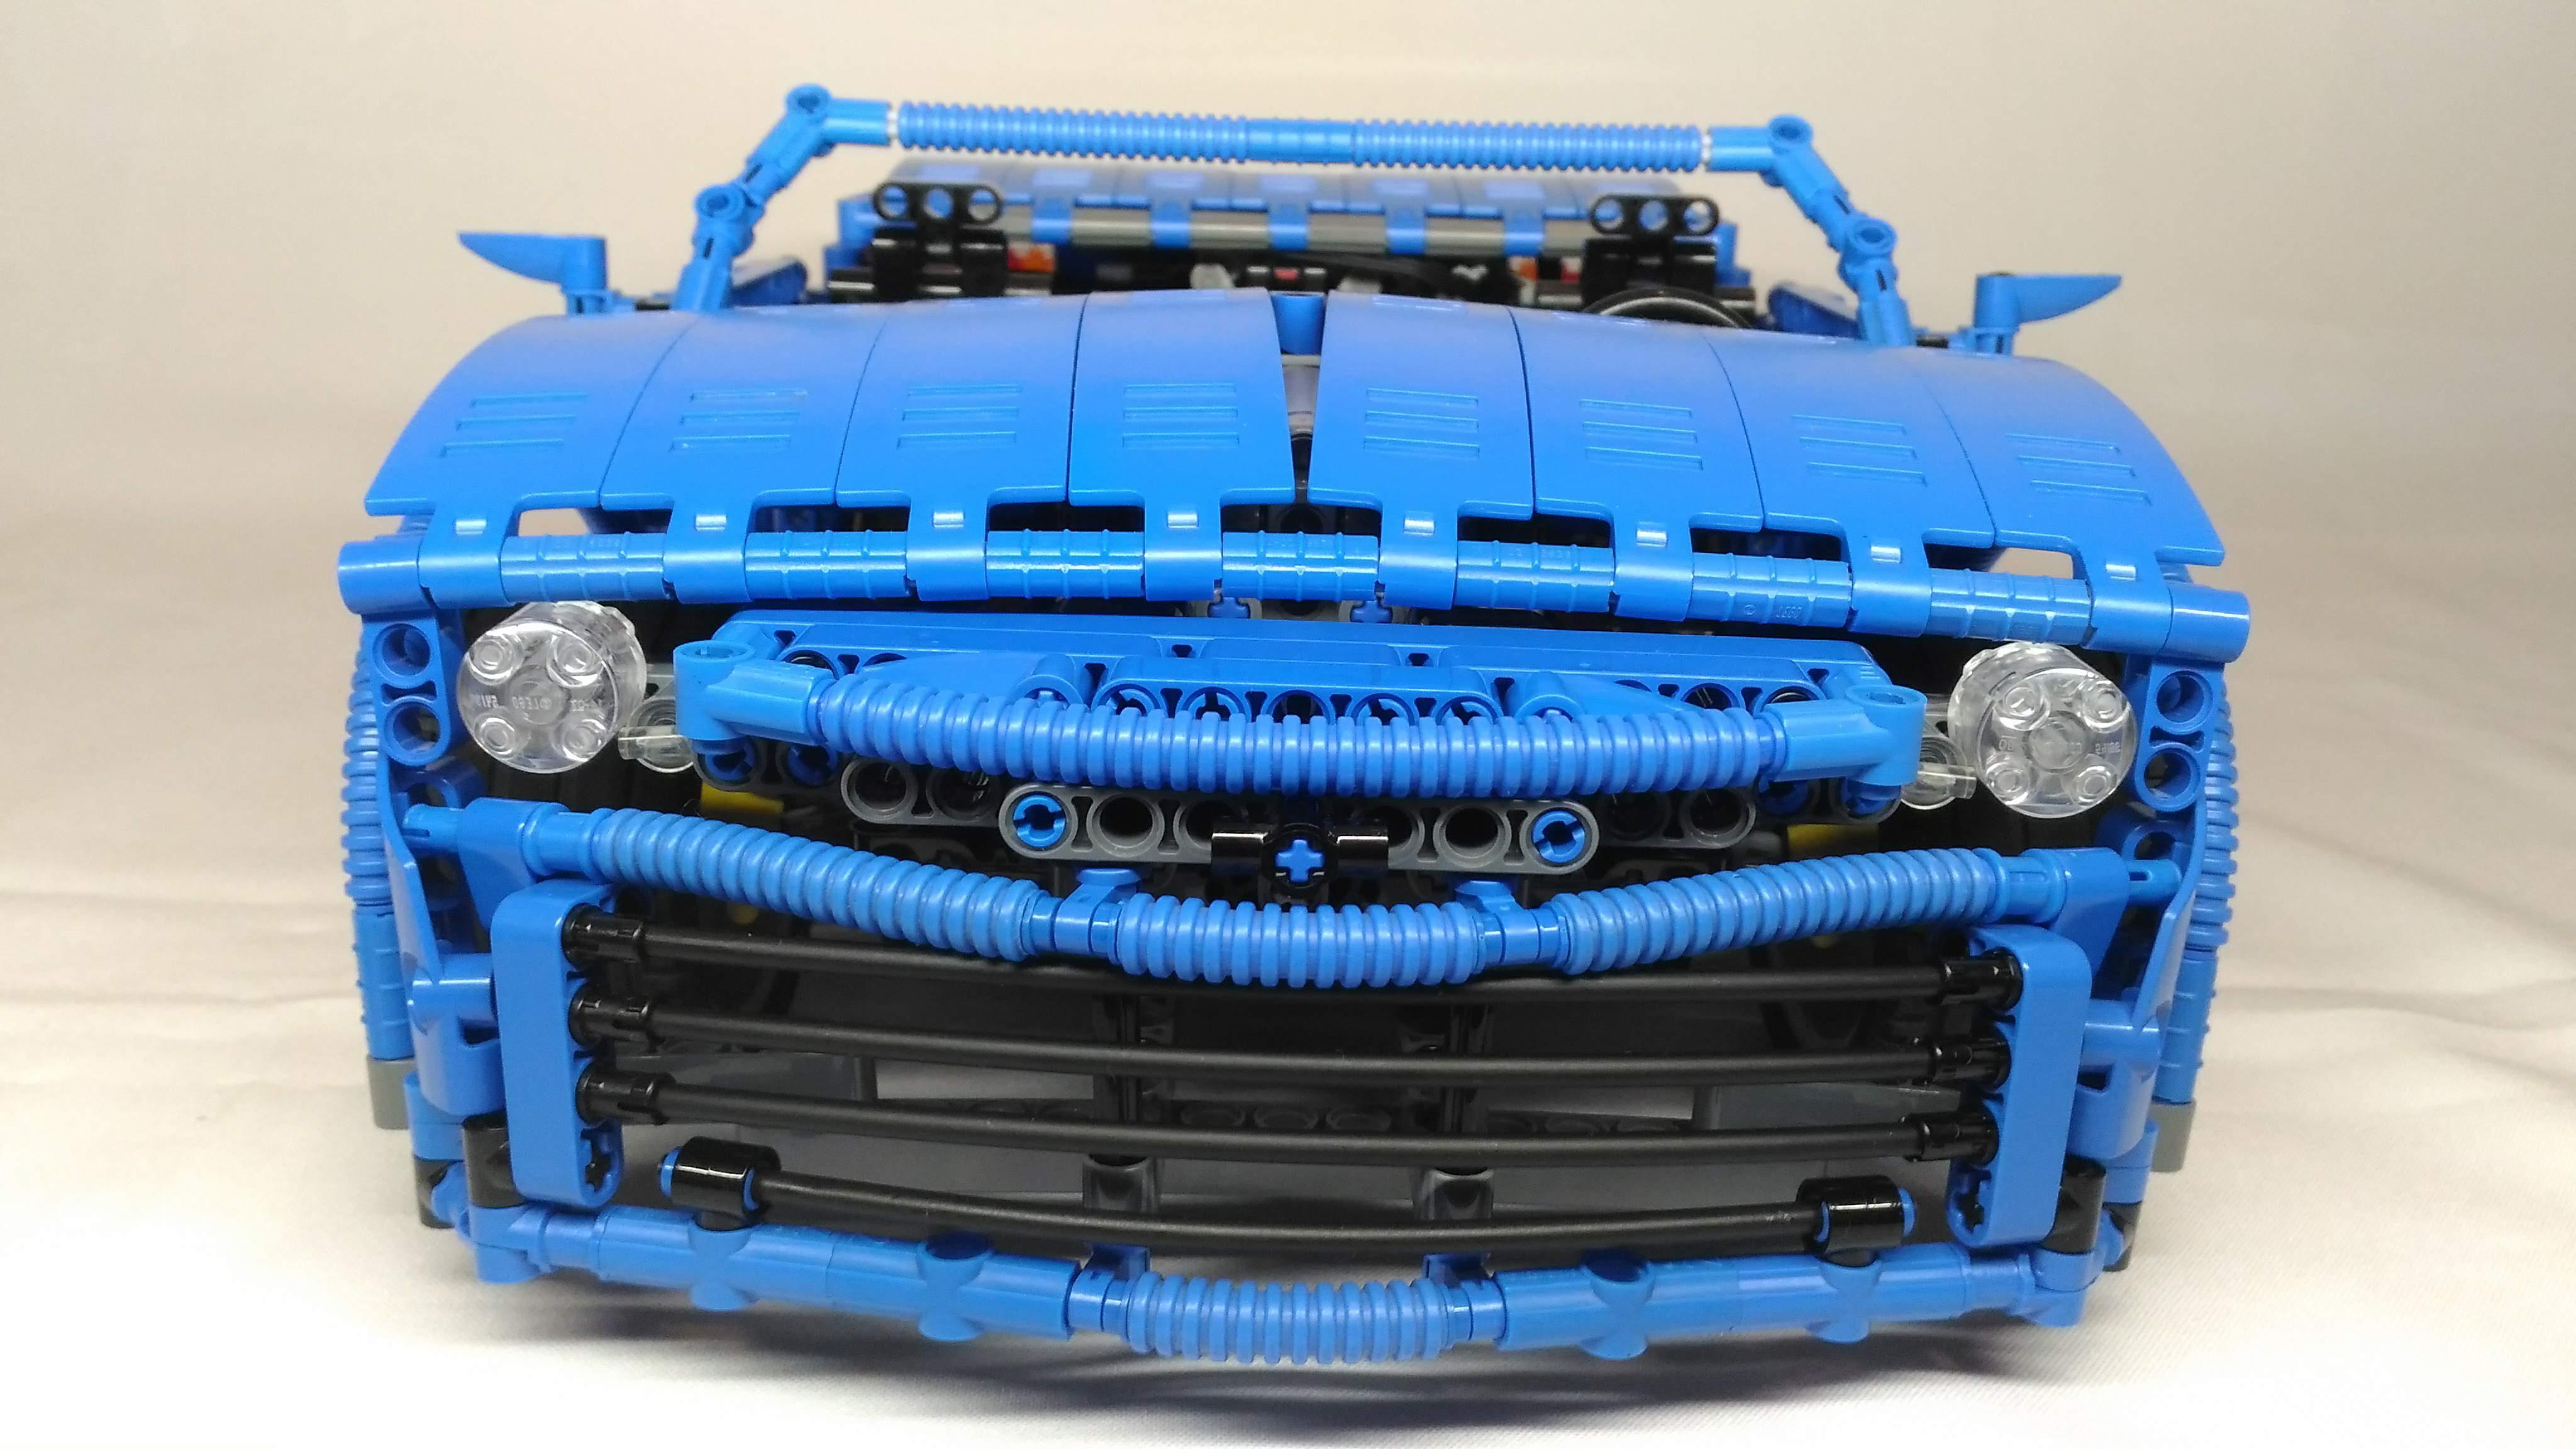 Chevrolet Camaro Cabrio by braker23